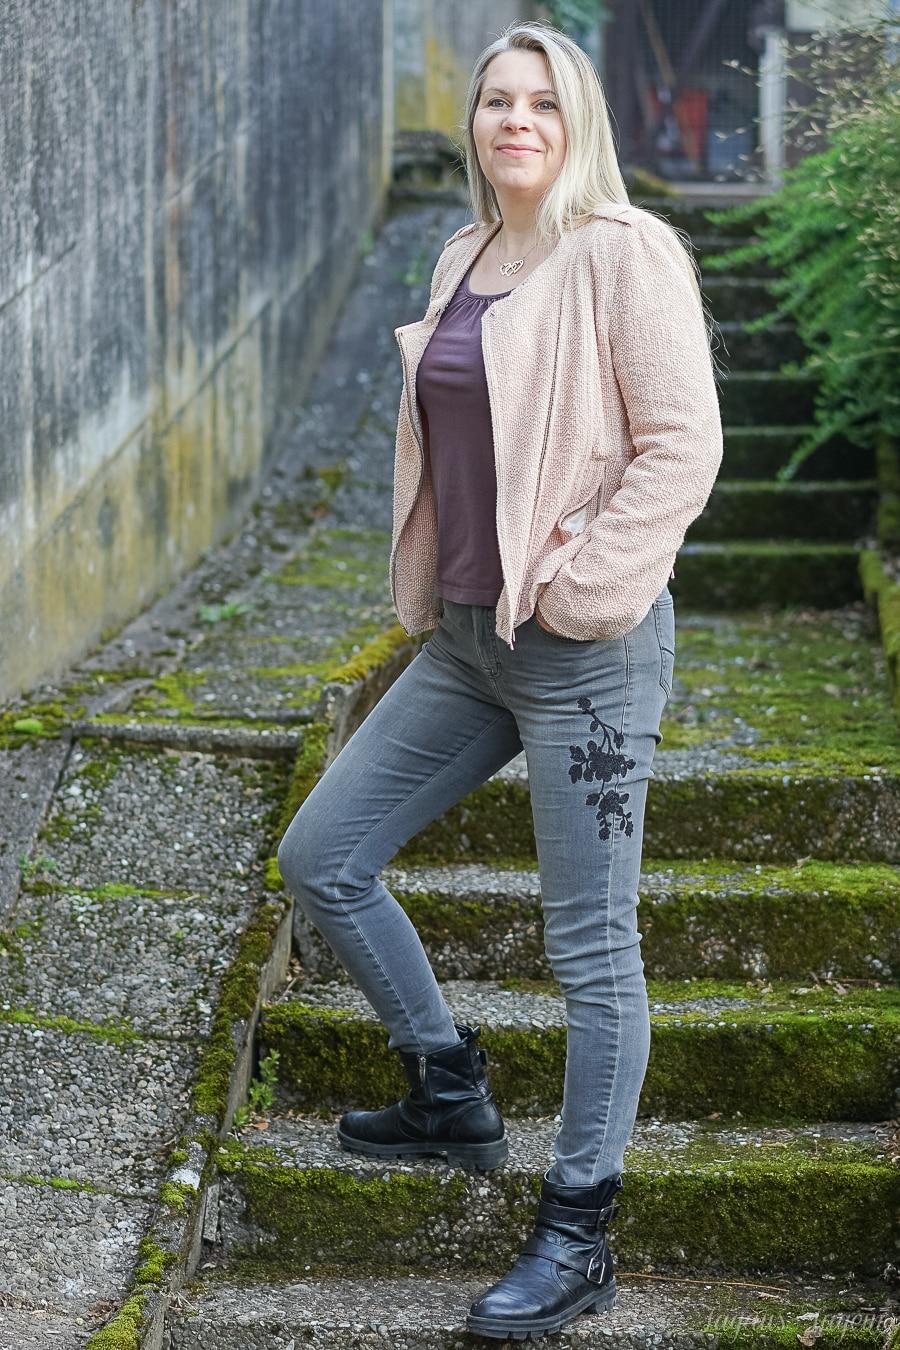 Frauen Ab Frauen Frisuren Ab 50 Die Junger Machen 2019 2019 07 30